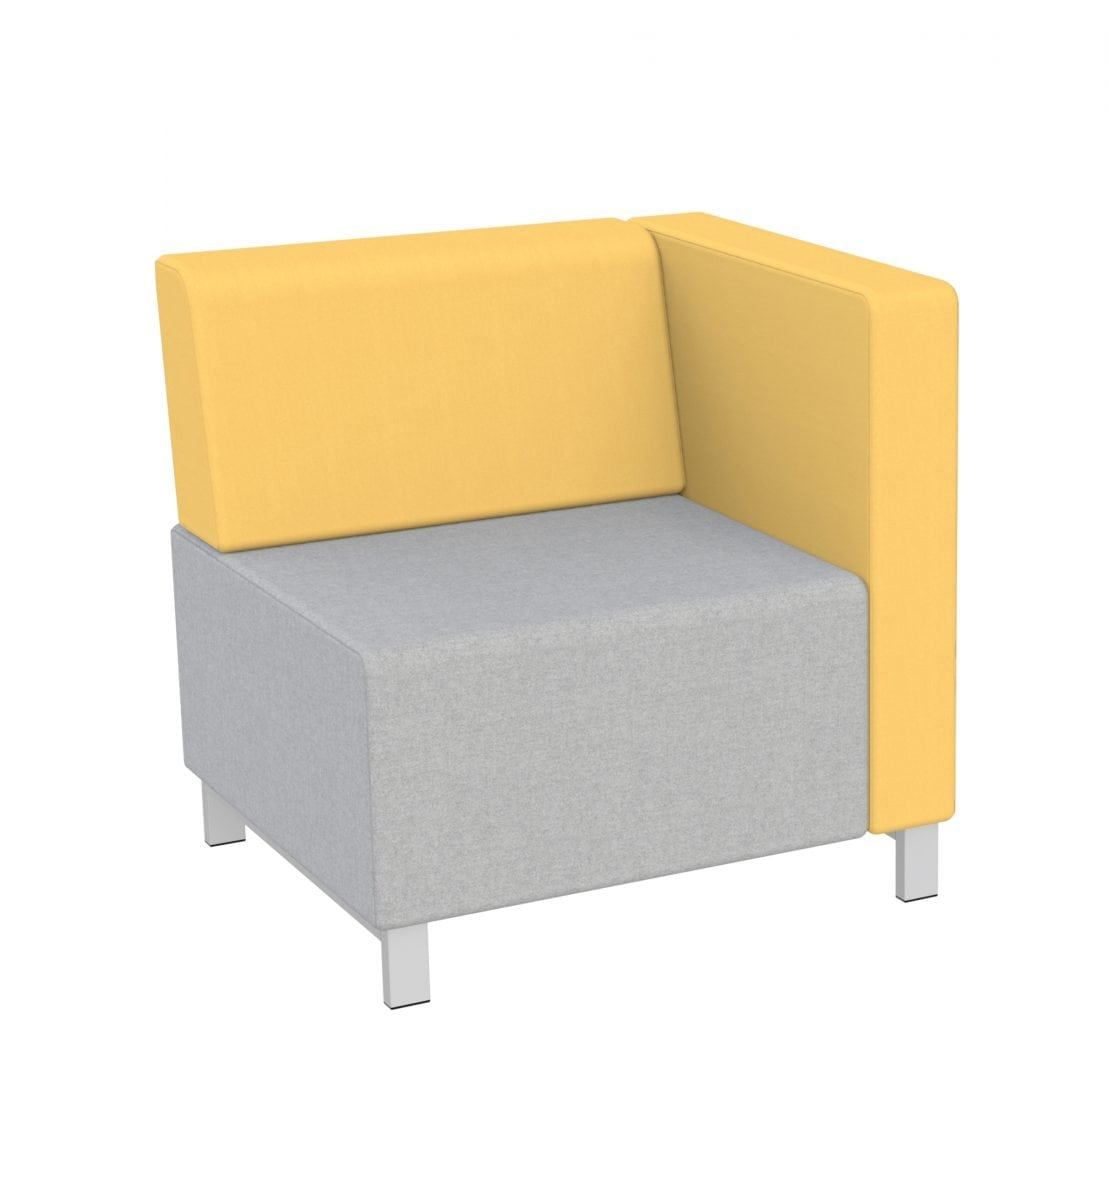 Pn1al Summit Chairs